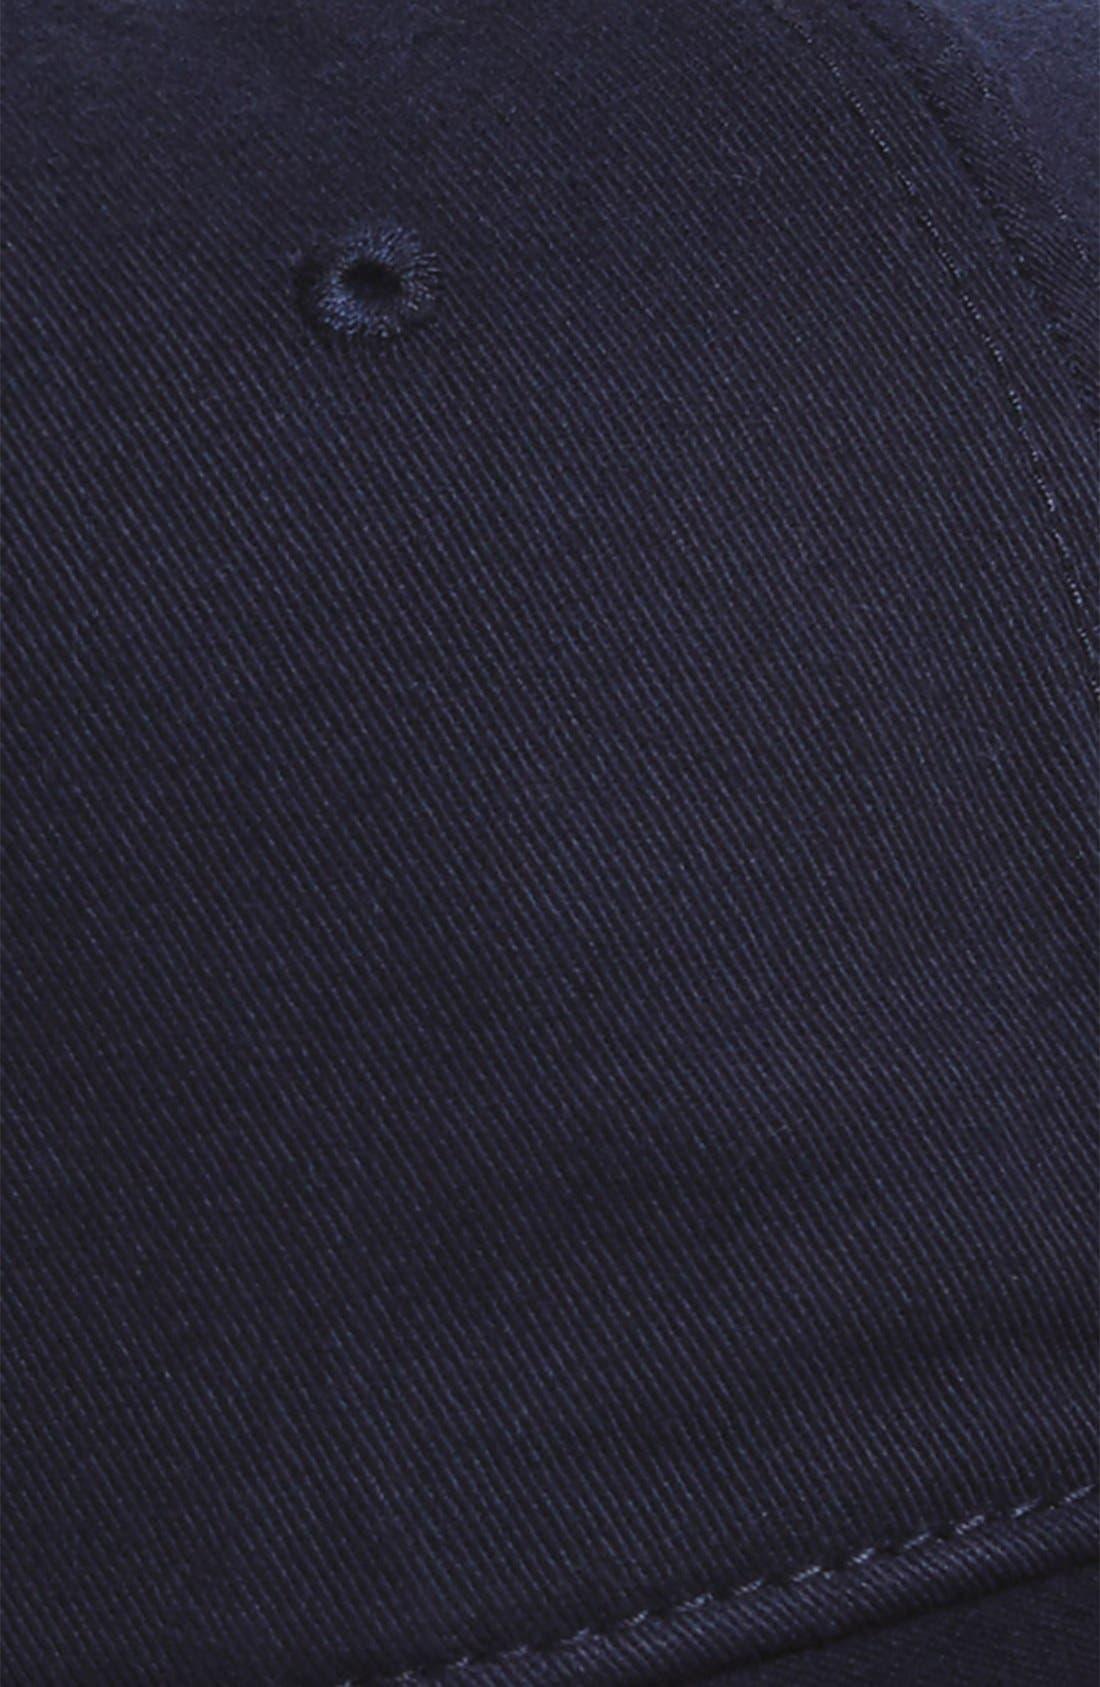 Alternate Image 2  - Lacoste 'Classic' Cap